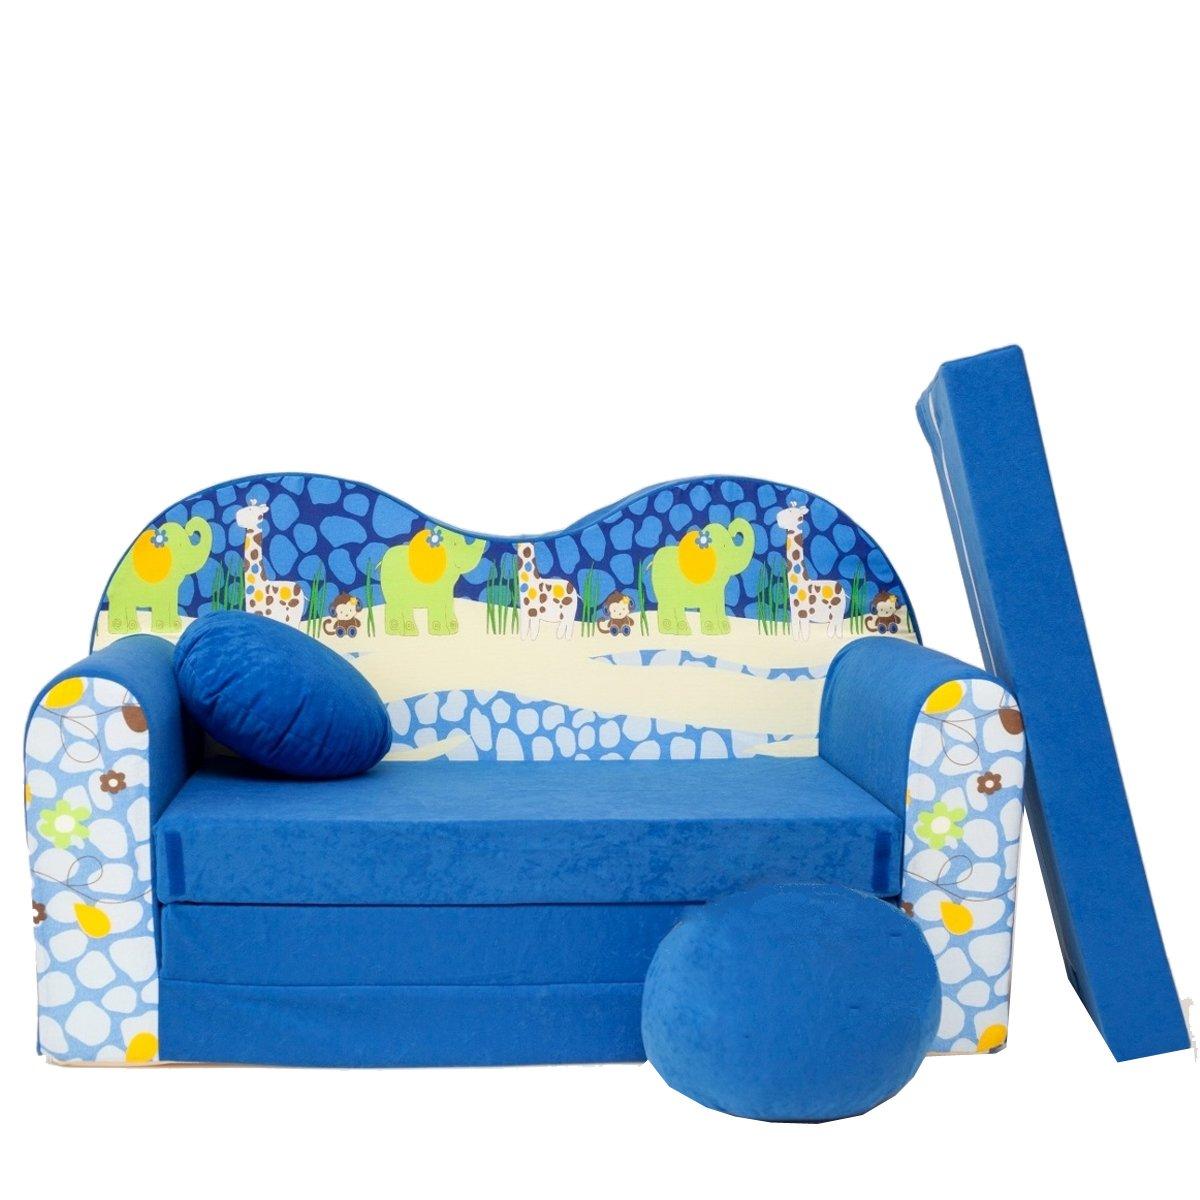 C16�bambini divano pieghevole divano letto divano sofa Mini Couch 3�in 1�Baby Set + sedia per bambin